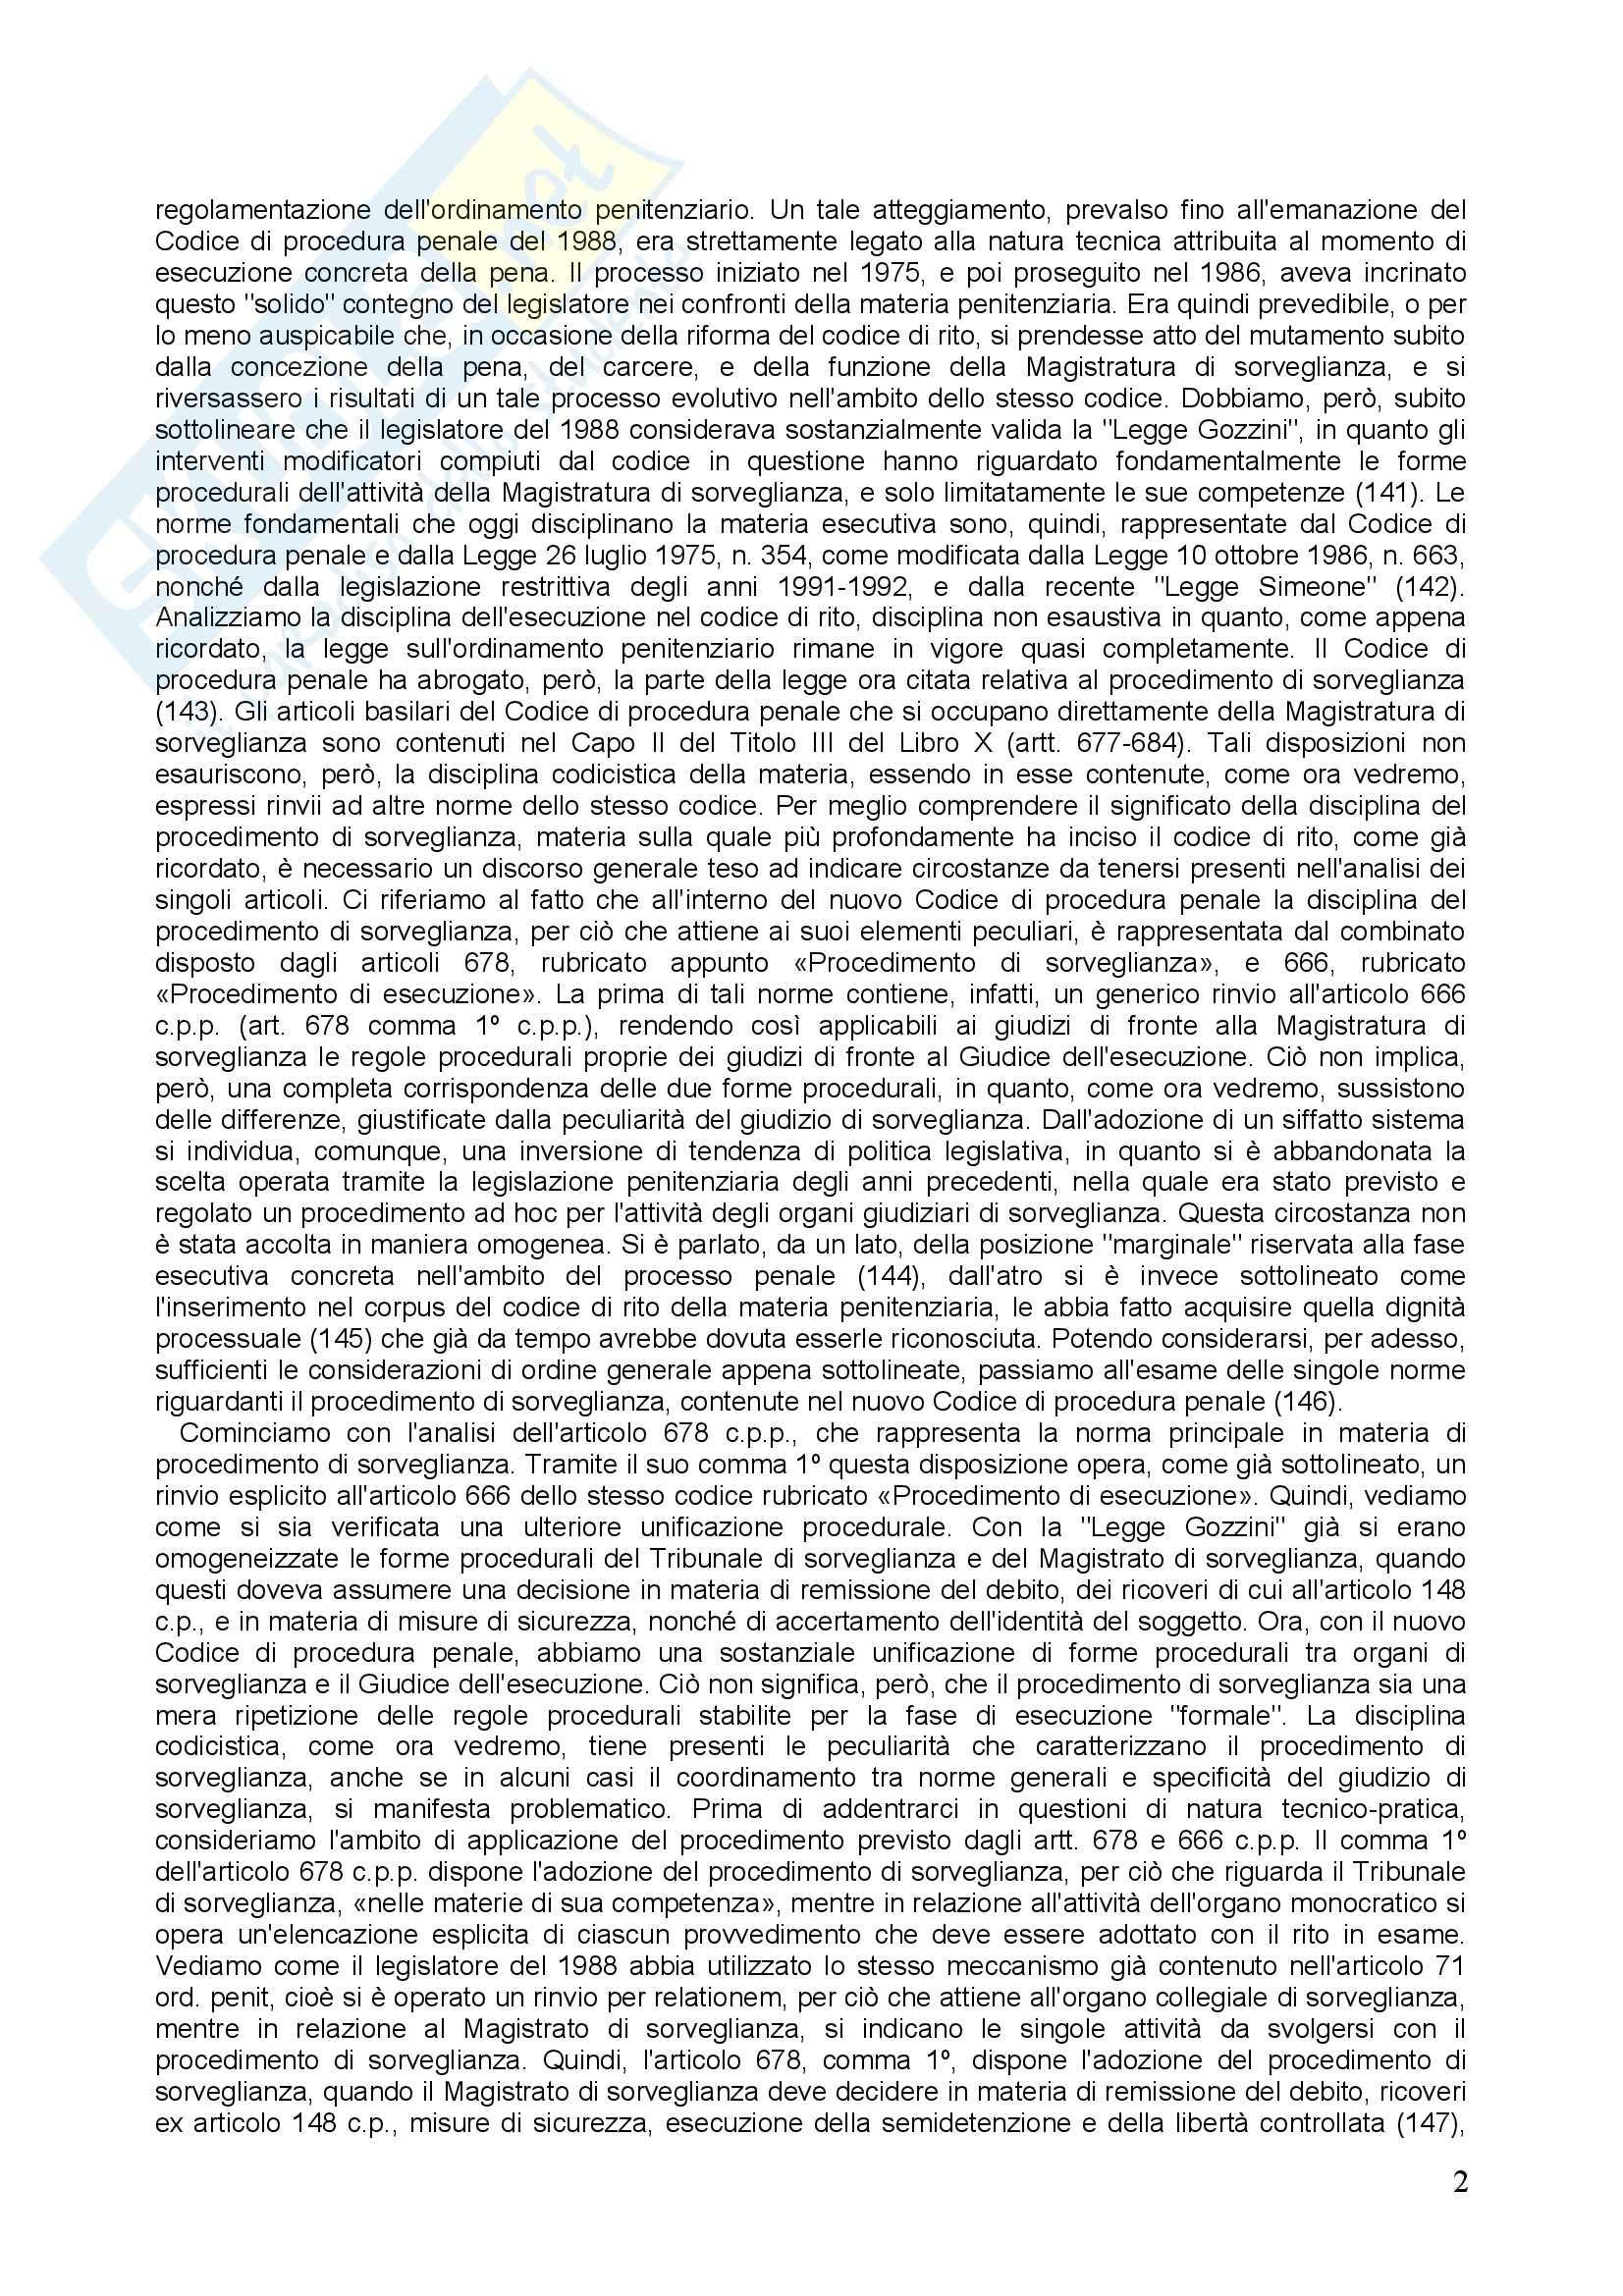 Diritto penitenziario - il procedimento di sorveglianza Pag. 2